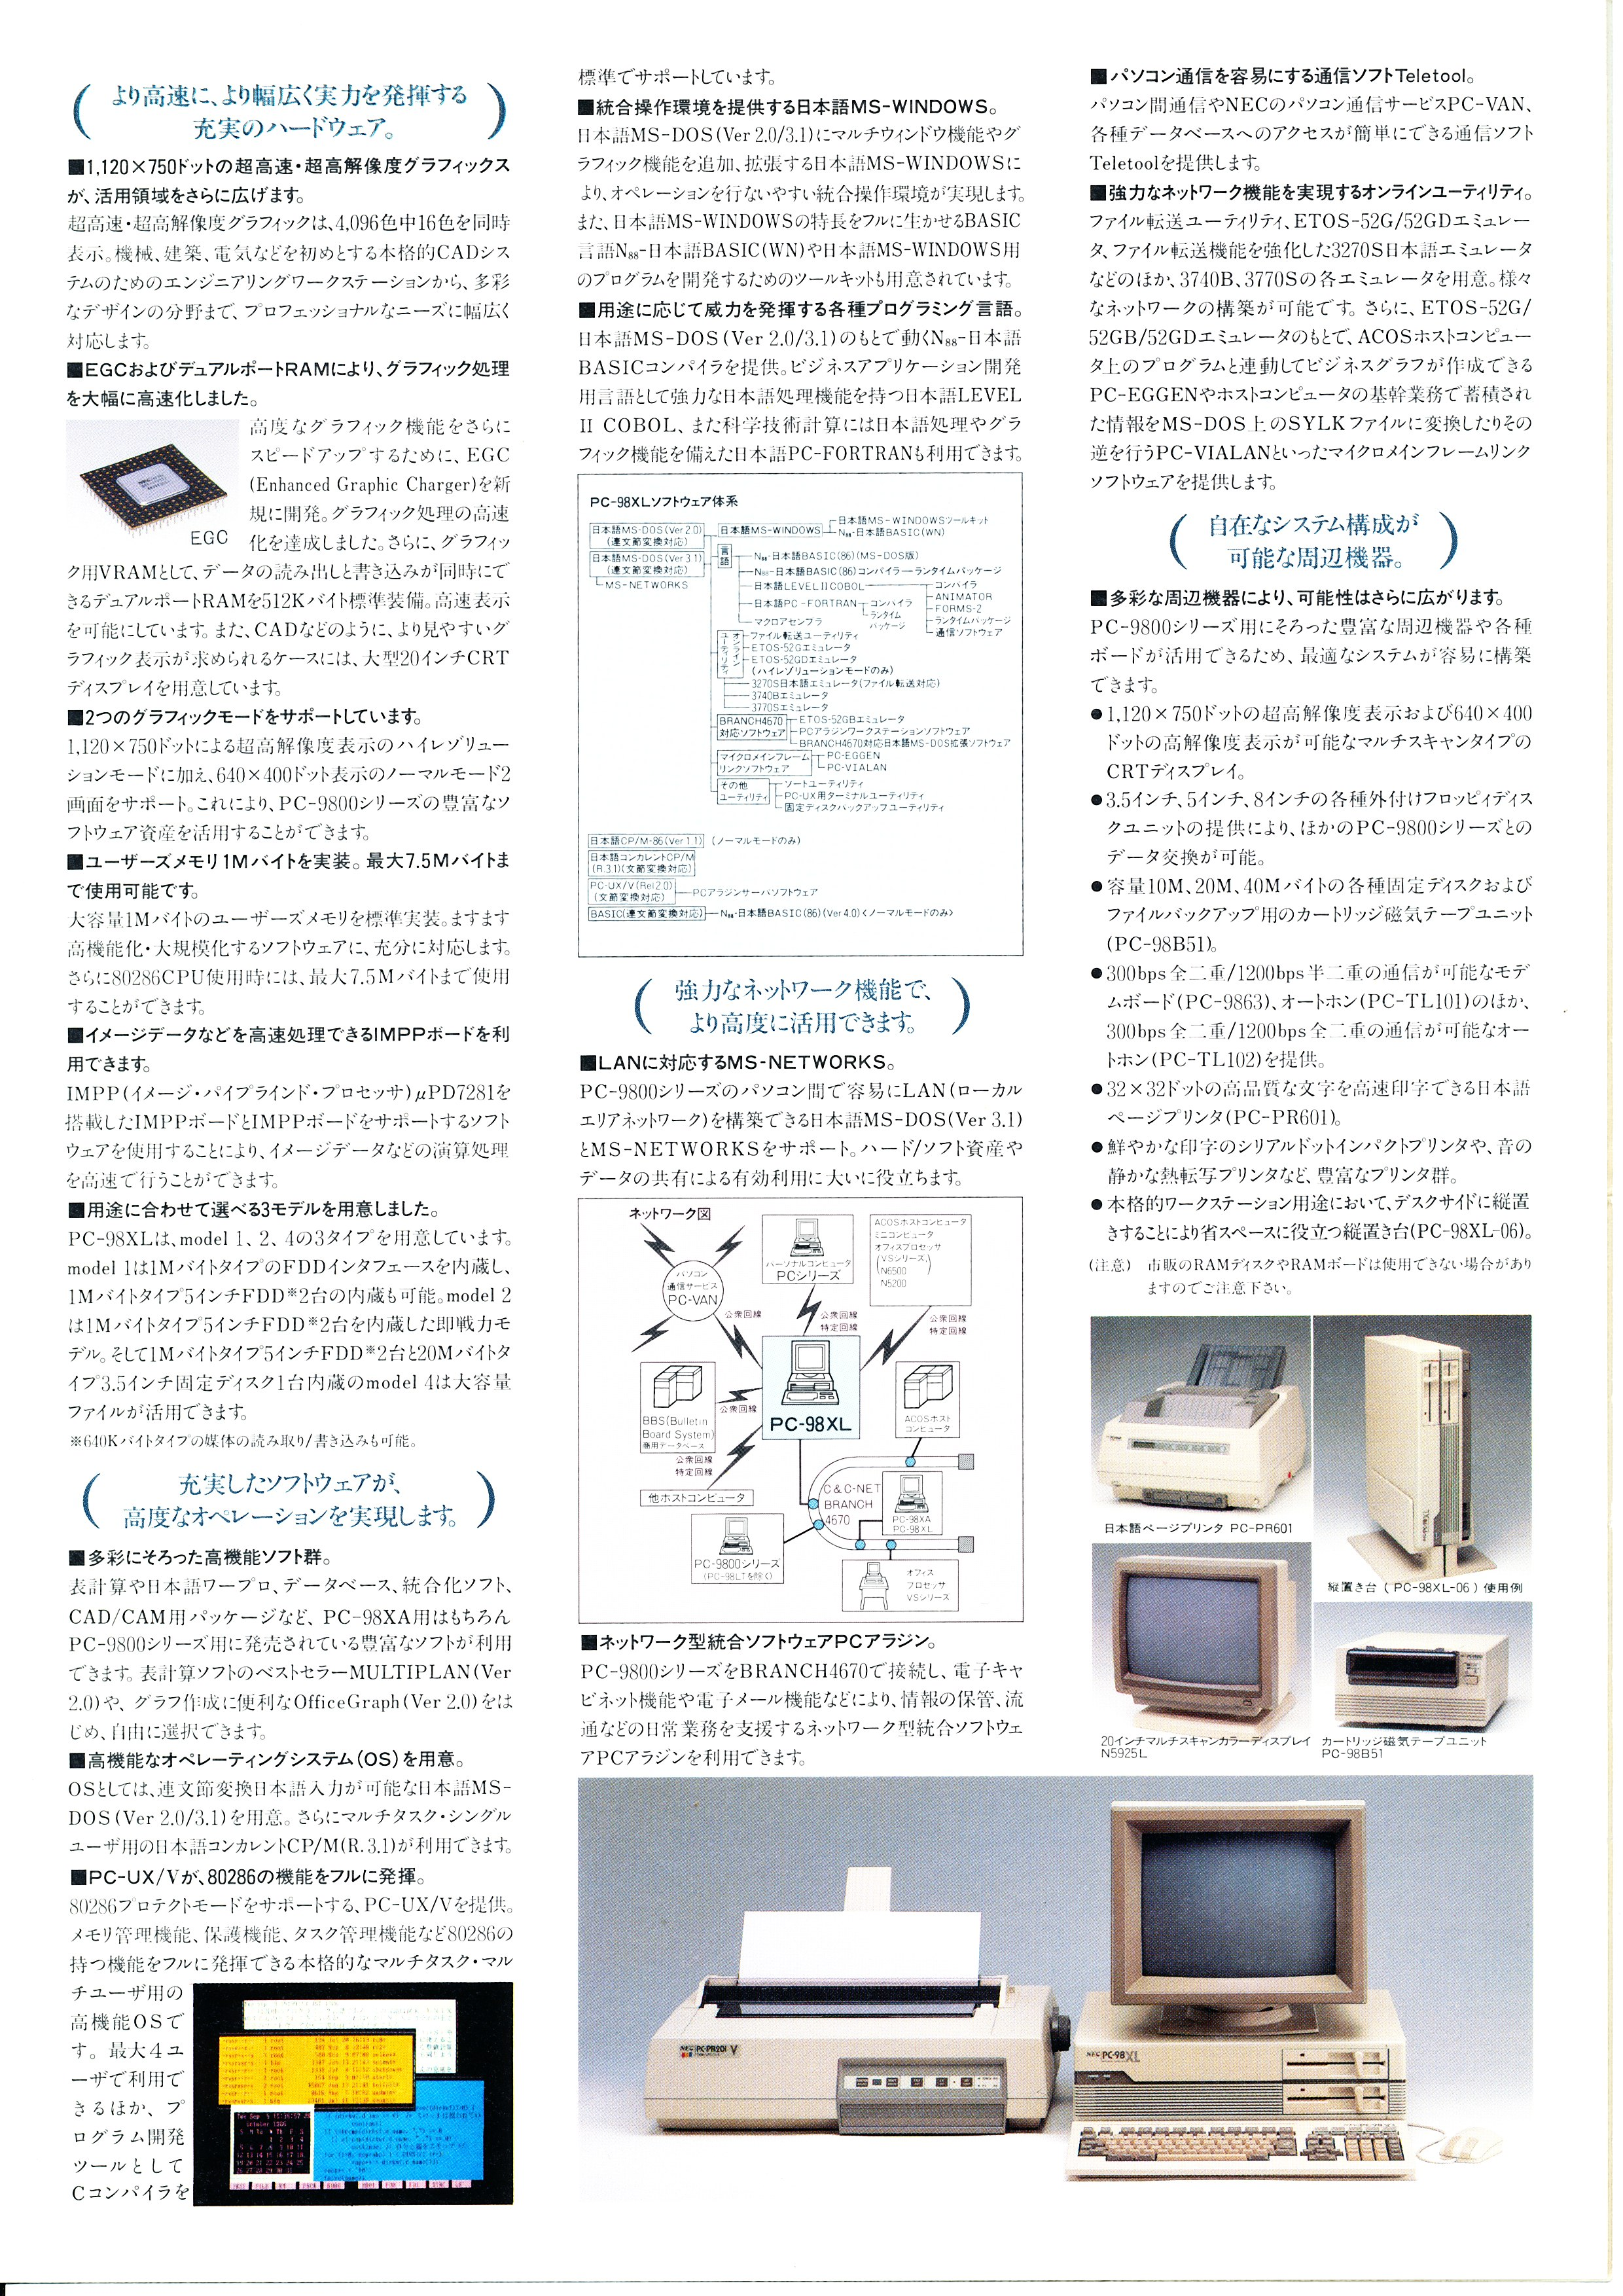 PC-98XL P3